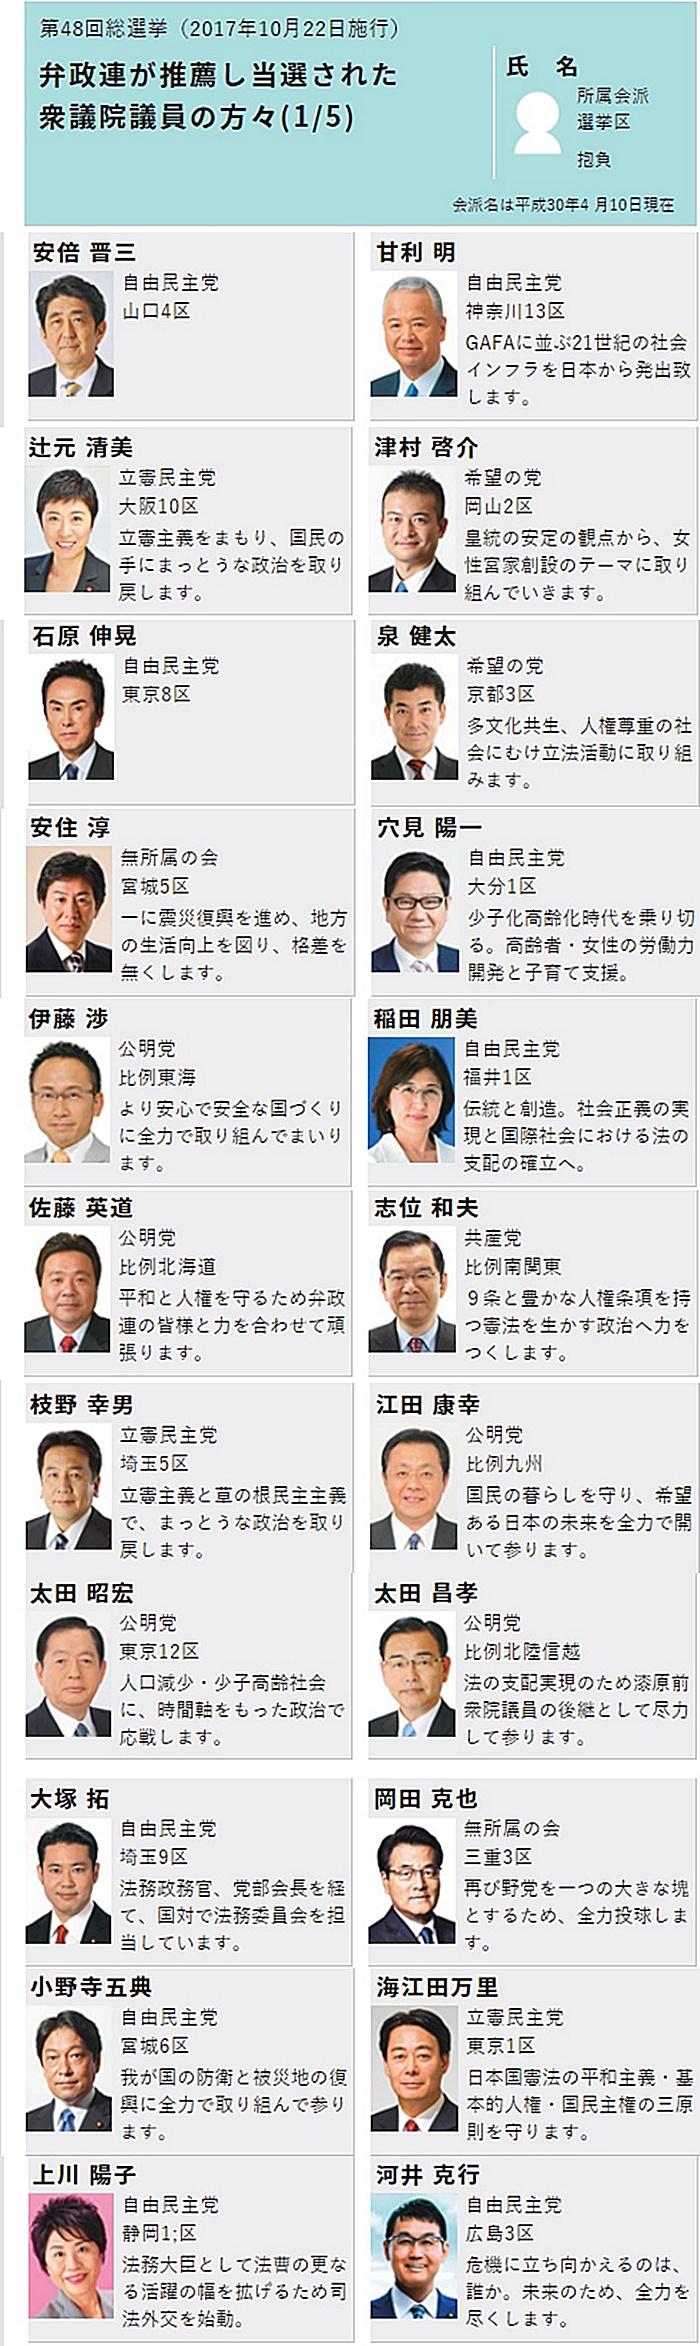 日本弁護士政治連盟(弁政連)